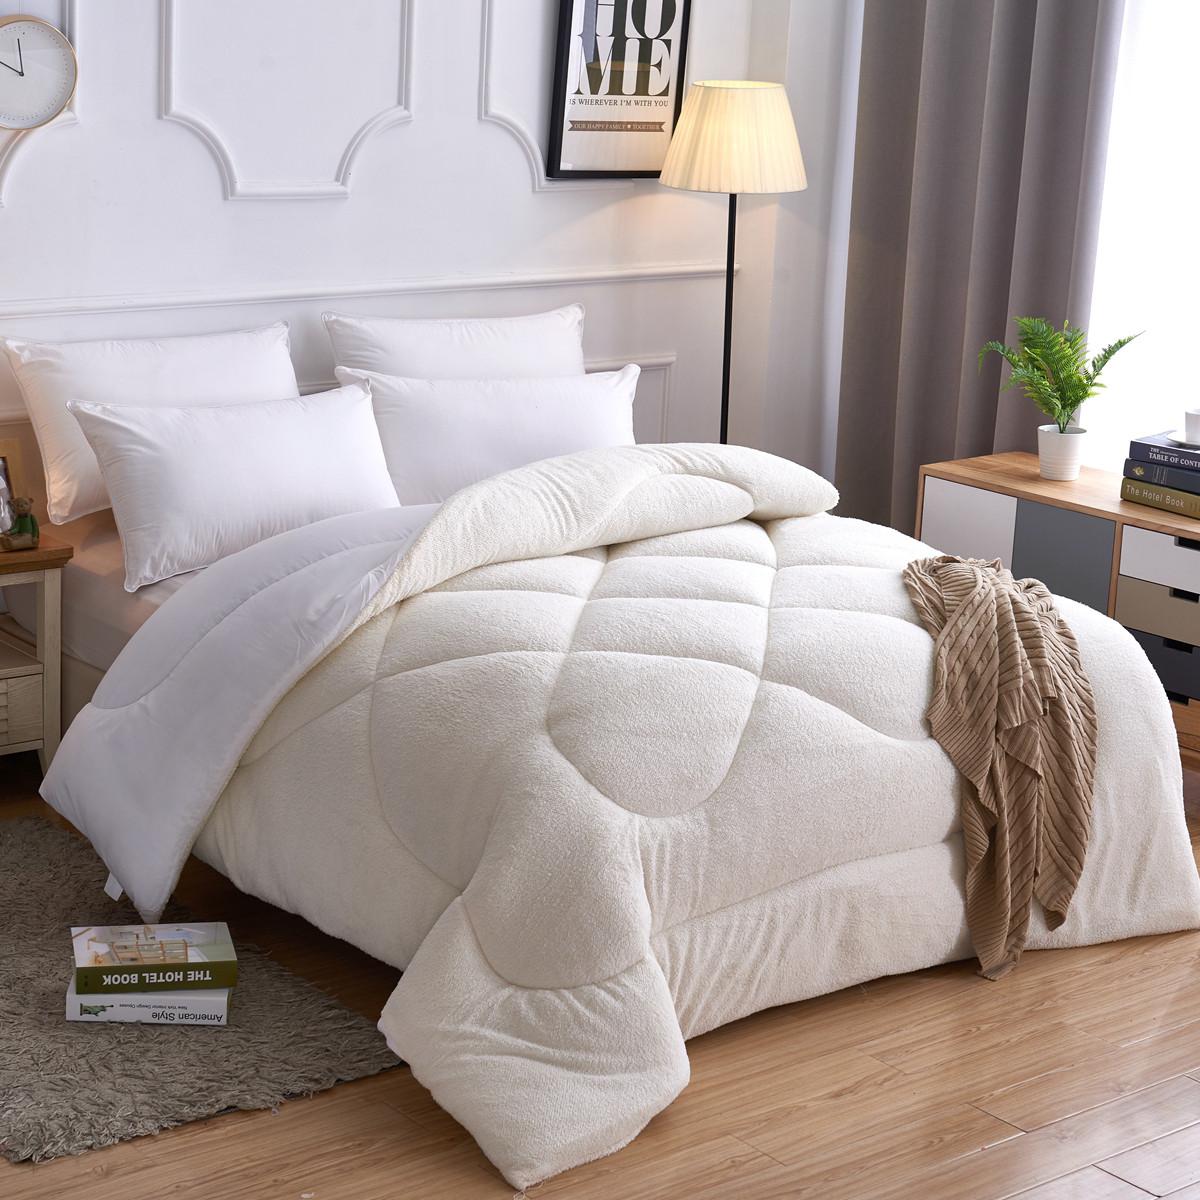 惟丽尚品冬季羊羔绒被子冬被亲肤透气加厚被芯1.5m1.8m被B020COLOR白色